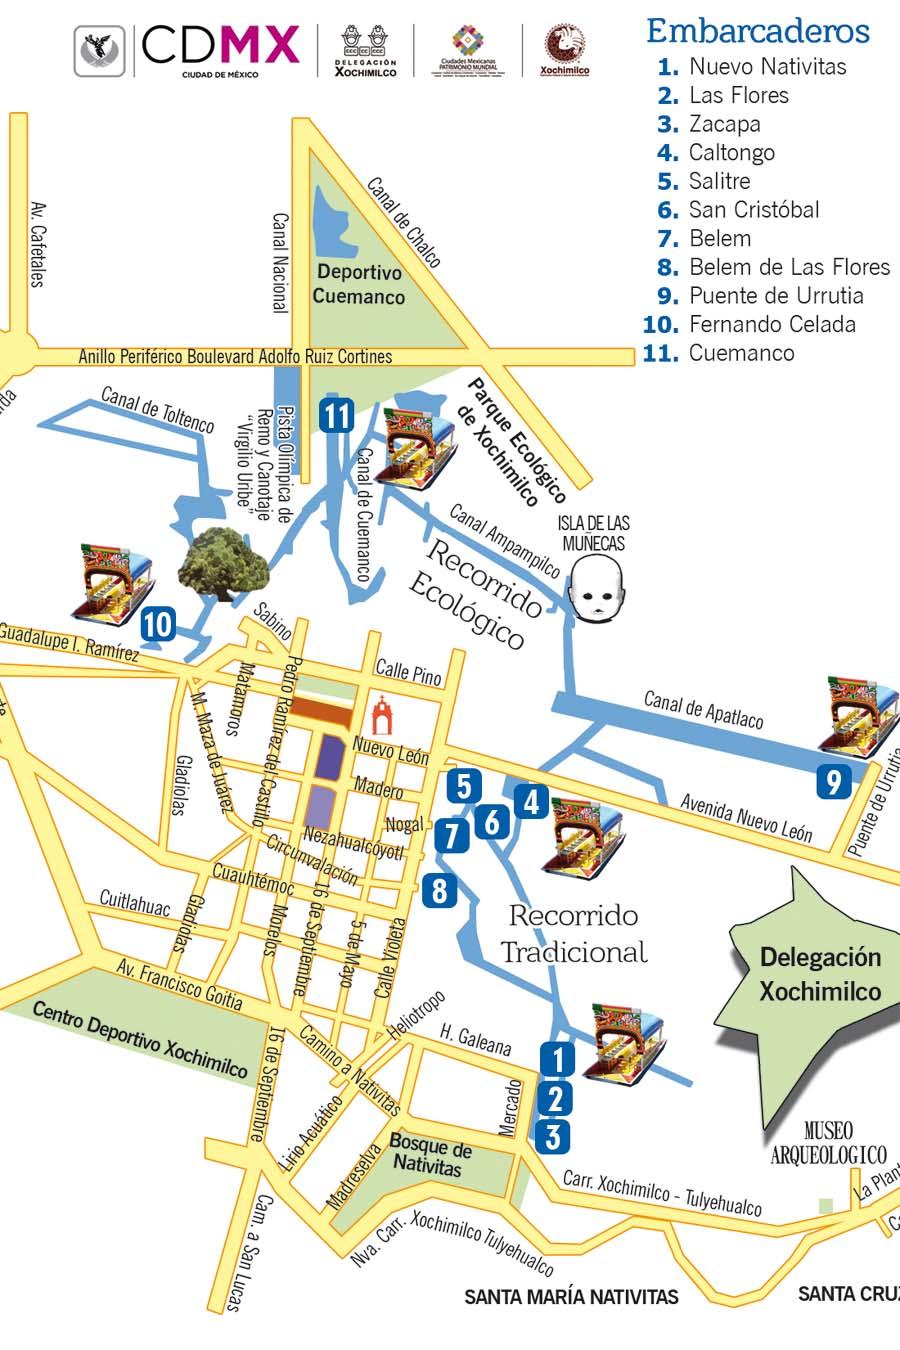 Embarcaderos de Xochimilco en la ciudad de México